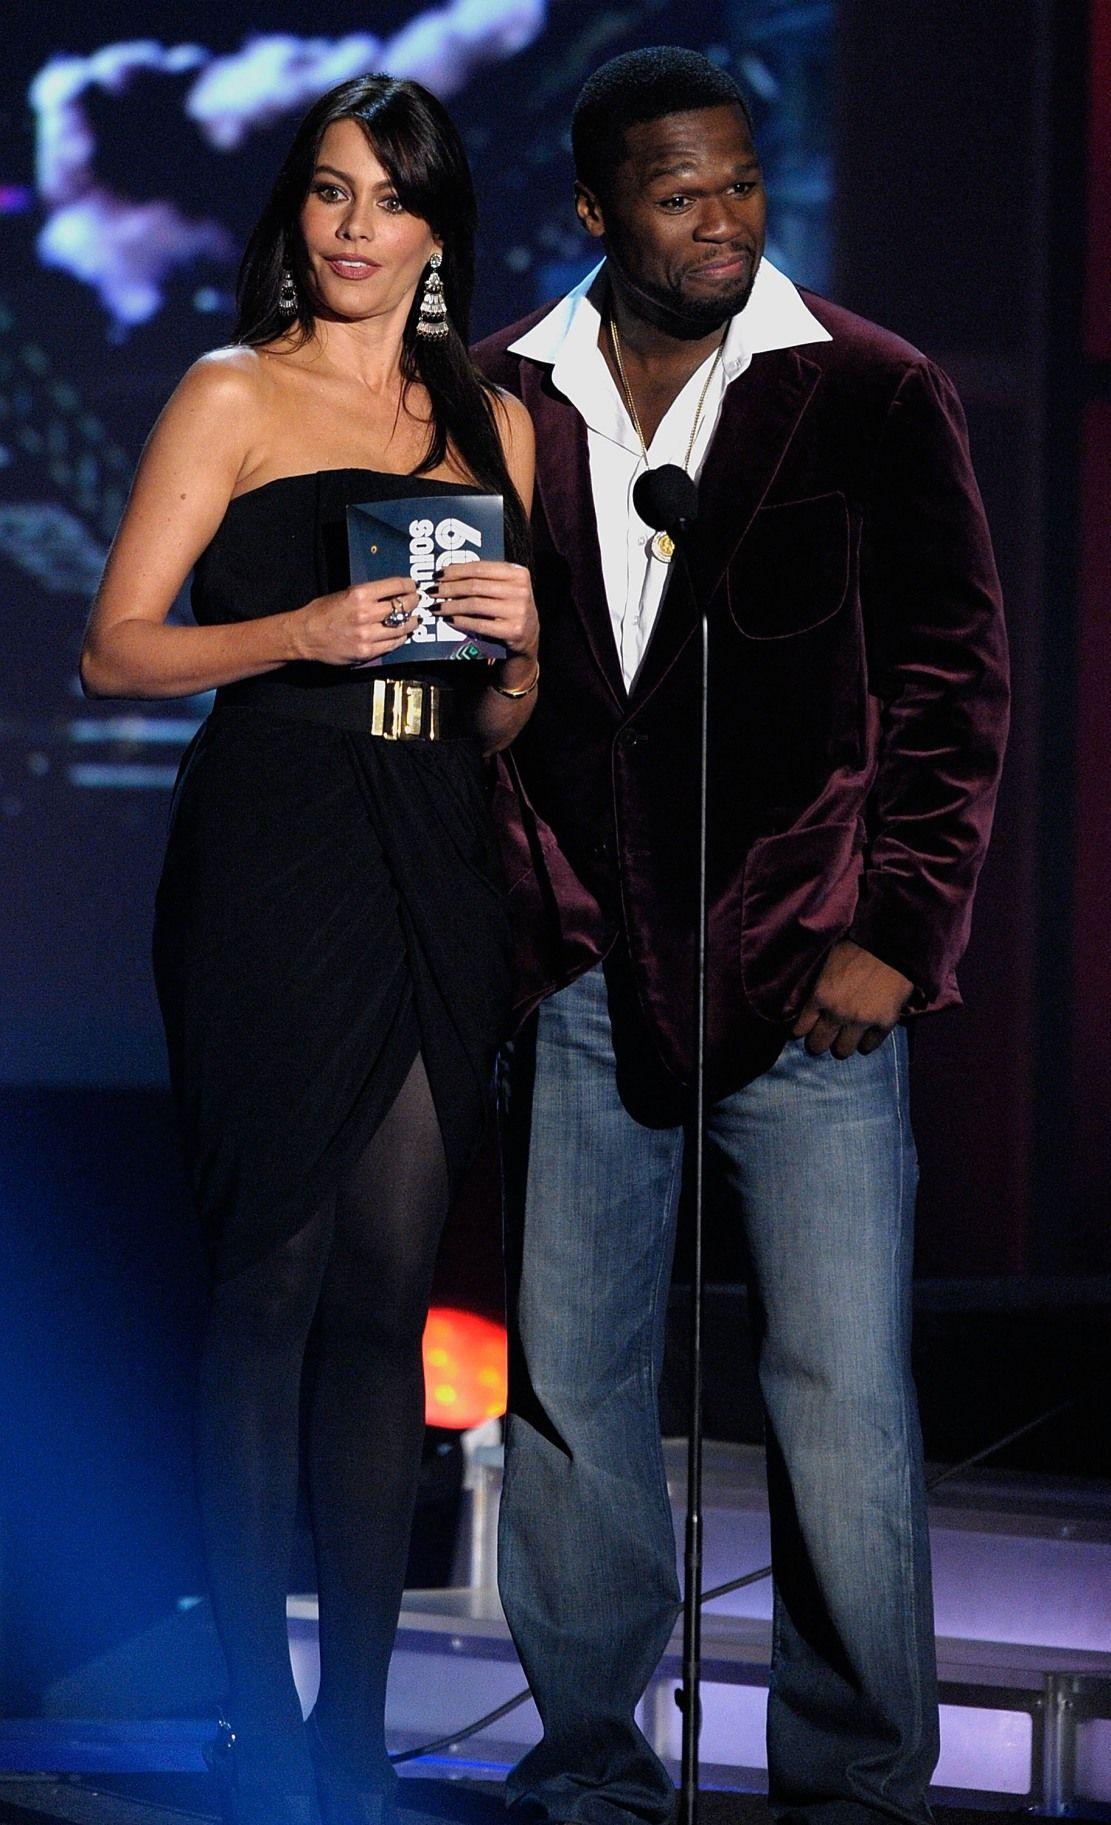 50 Cent and Sofia Vergara